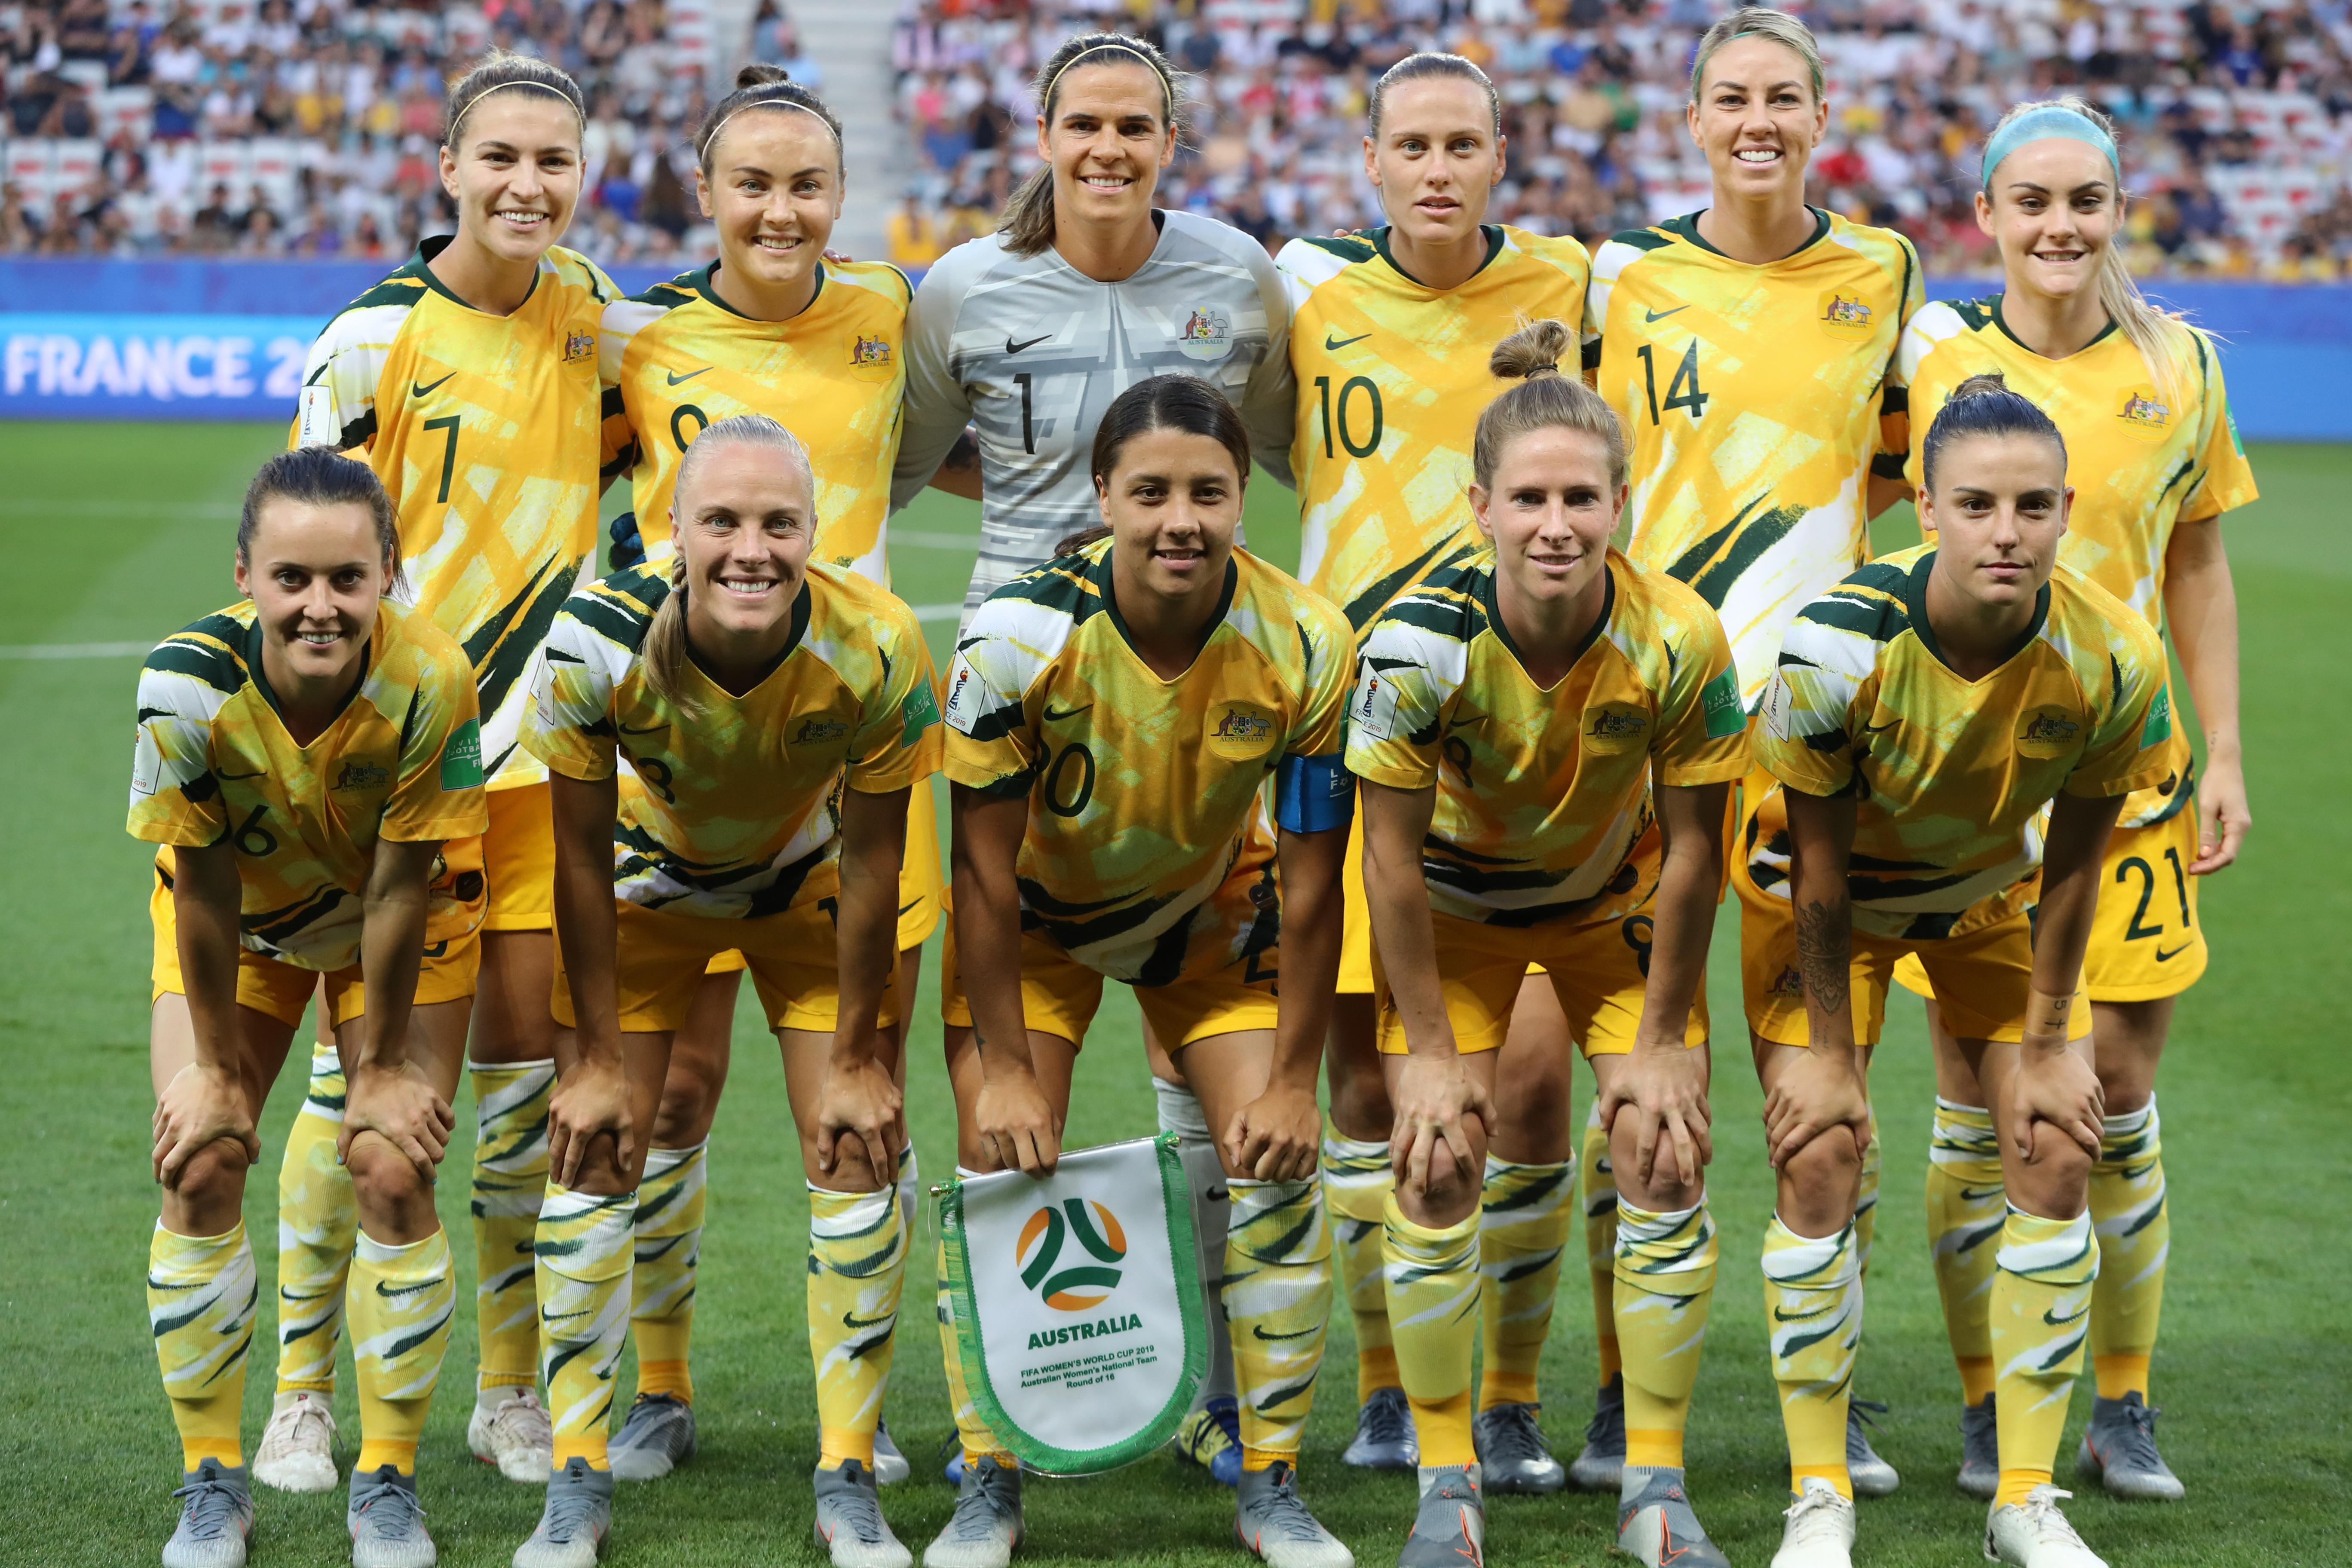 Egyenlő meccsprémiumot harcolt ki az ausztrál női fociválogatott